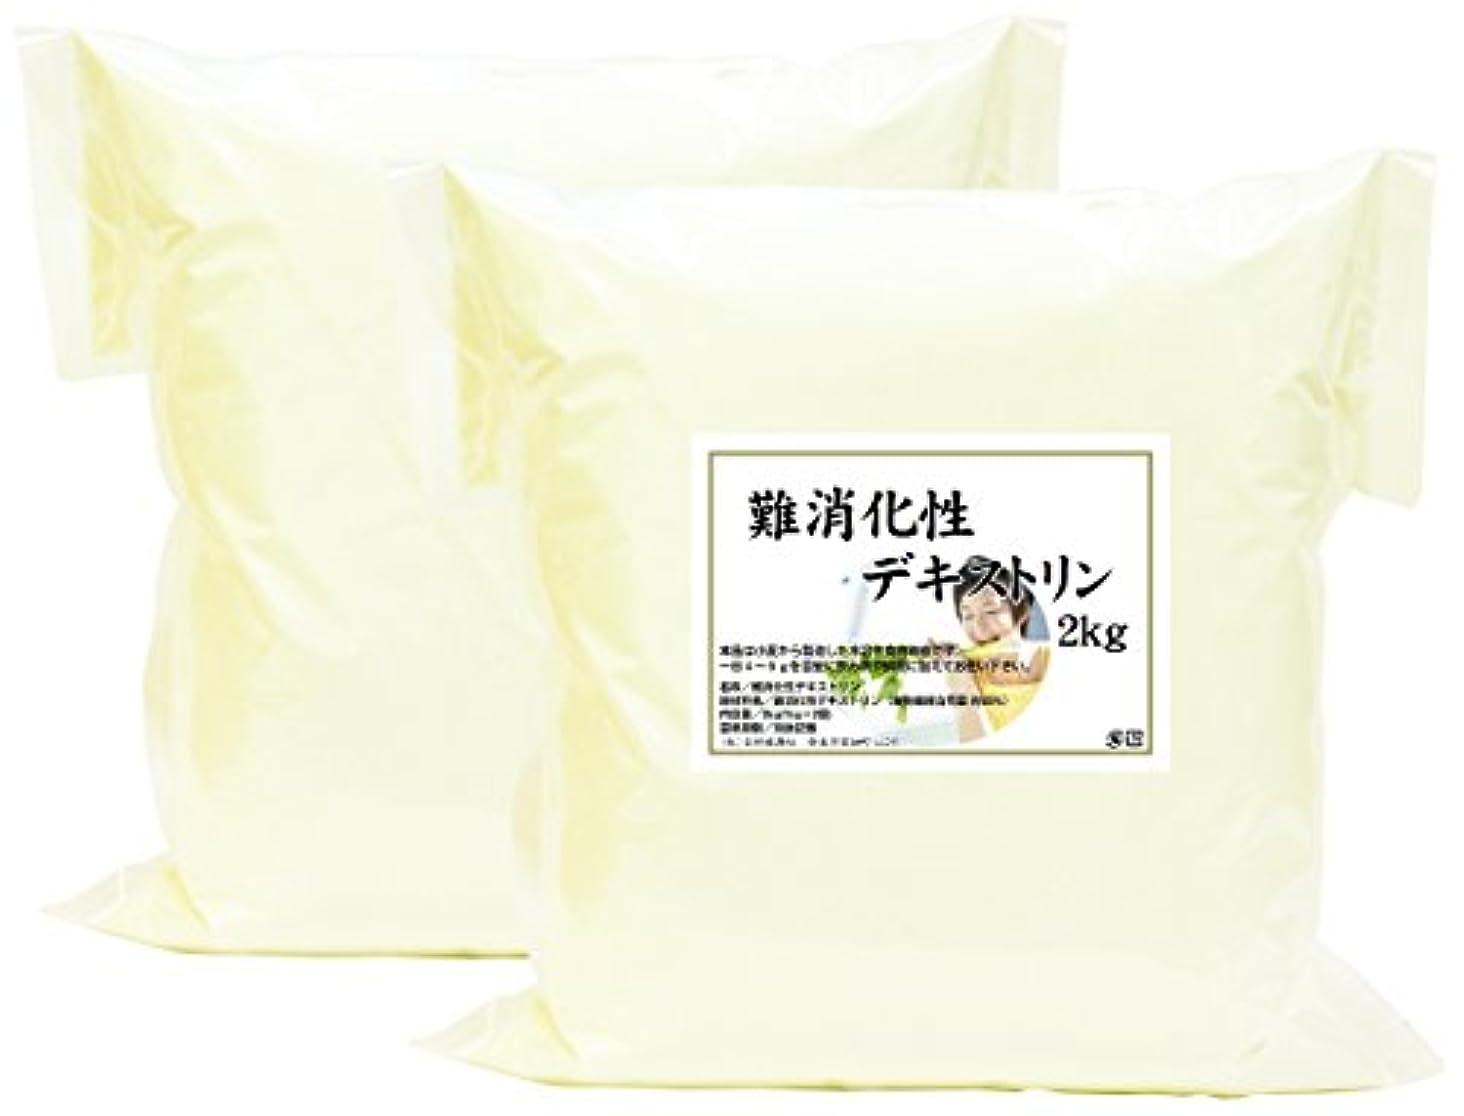 自然健康社 難消化性デキストリン 2kg(1kg×2袋) 密封袋入り